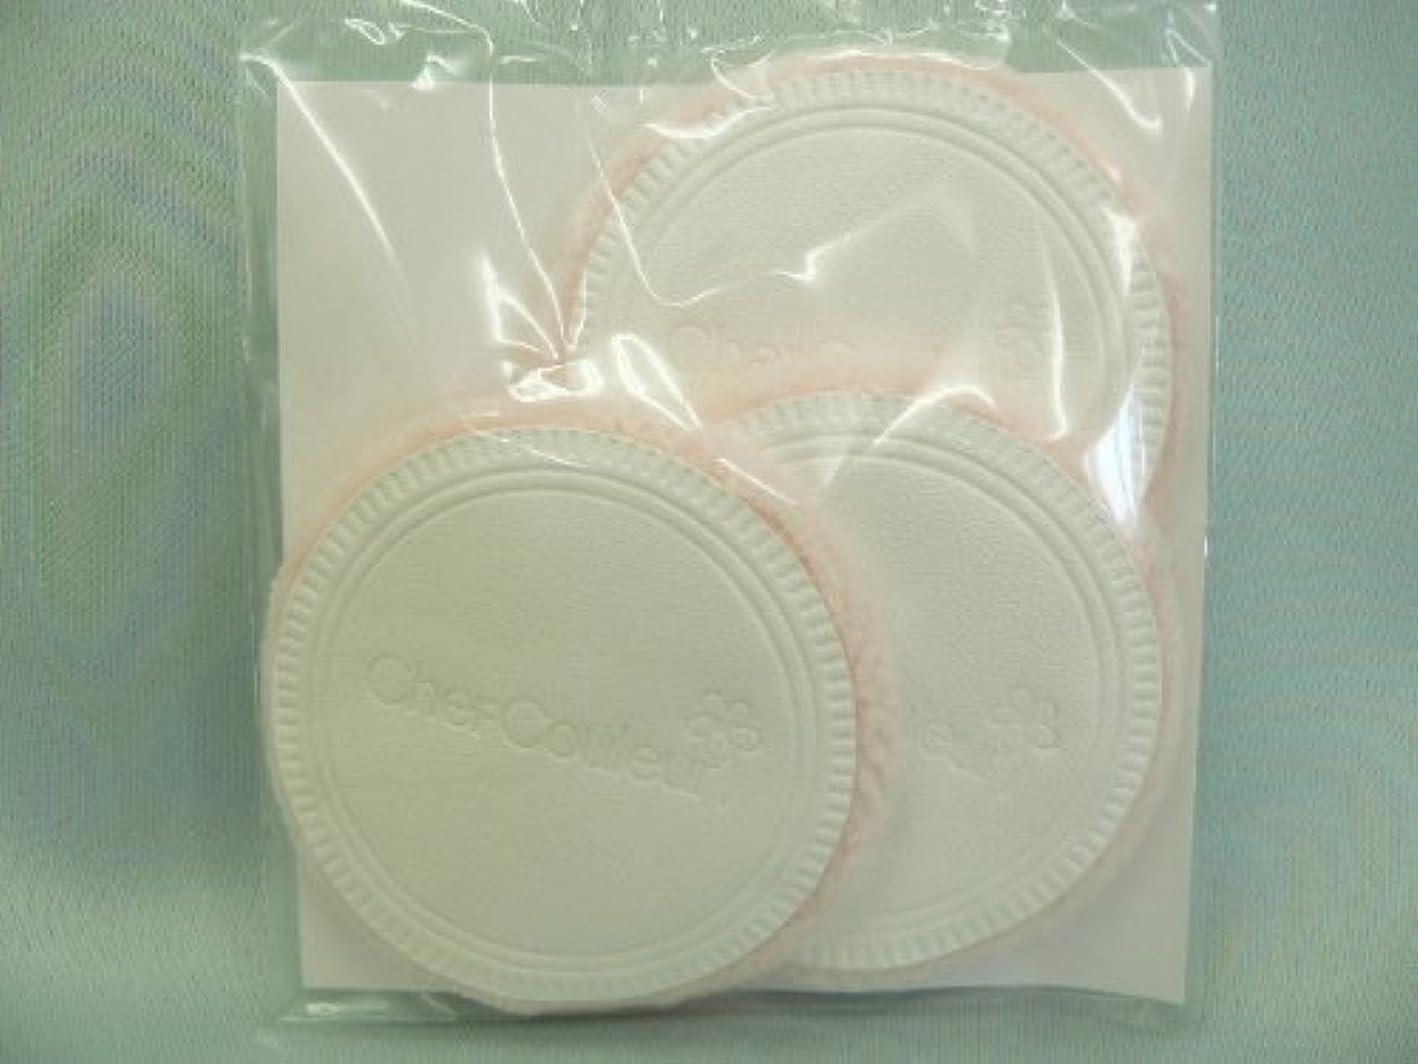 バーベキュー集団暴行シェルクルール化粧品プロテクトパウダー専用ケース(パフ付き)